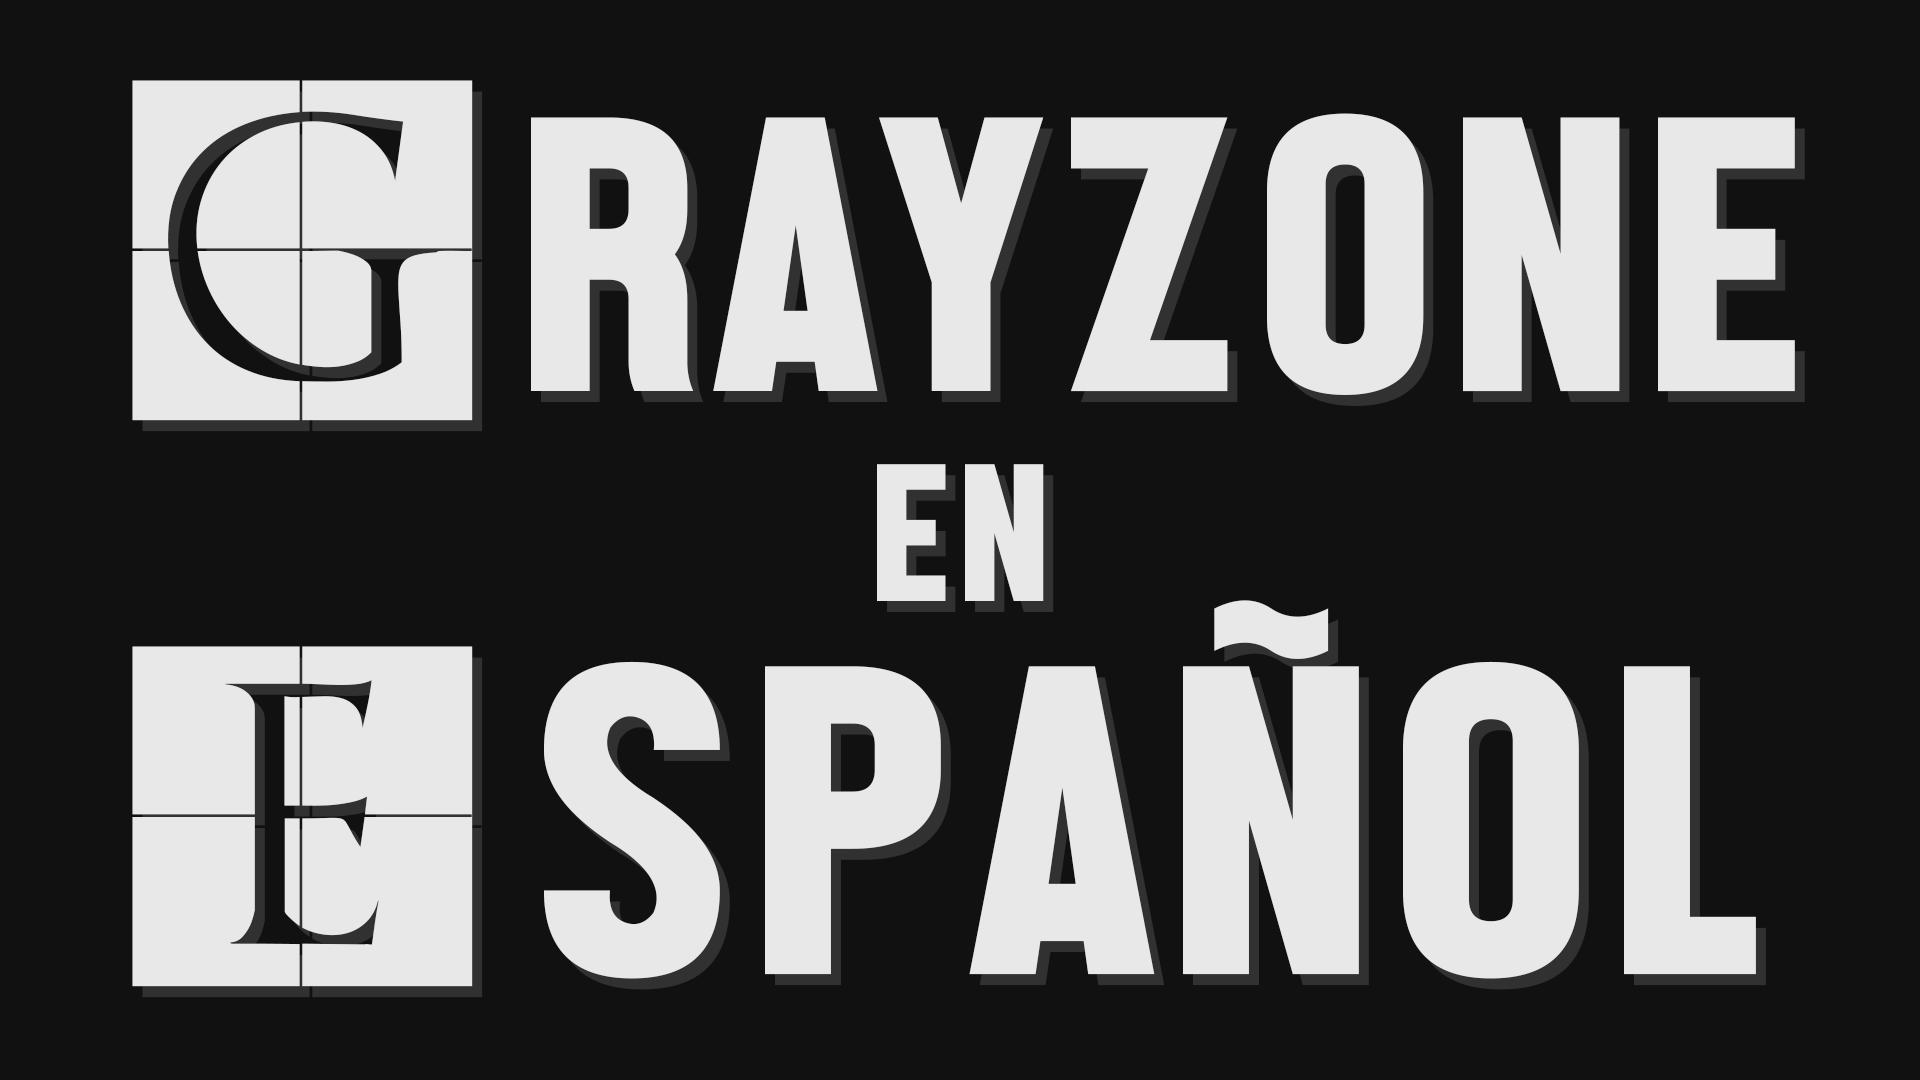 The Grayzone en español